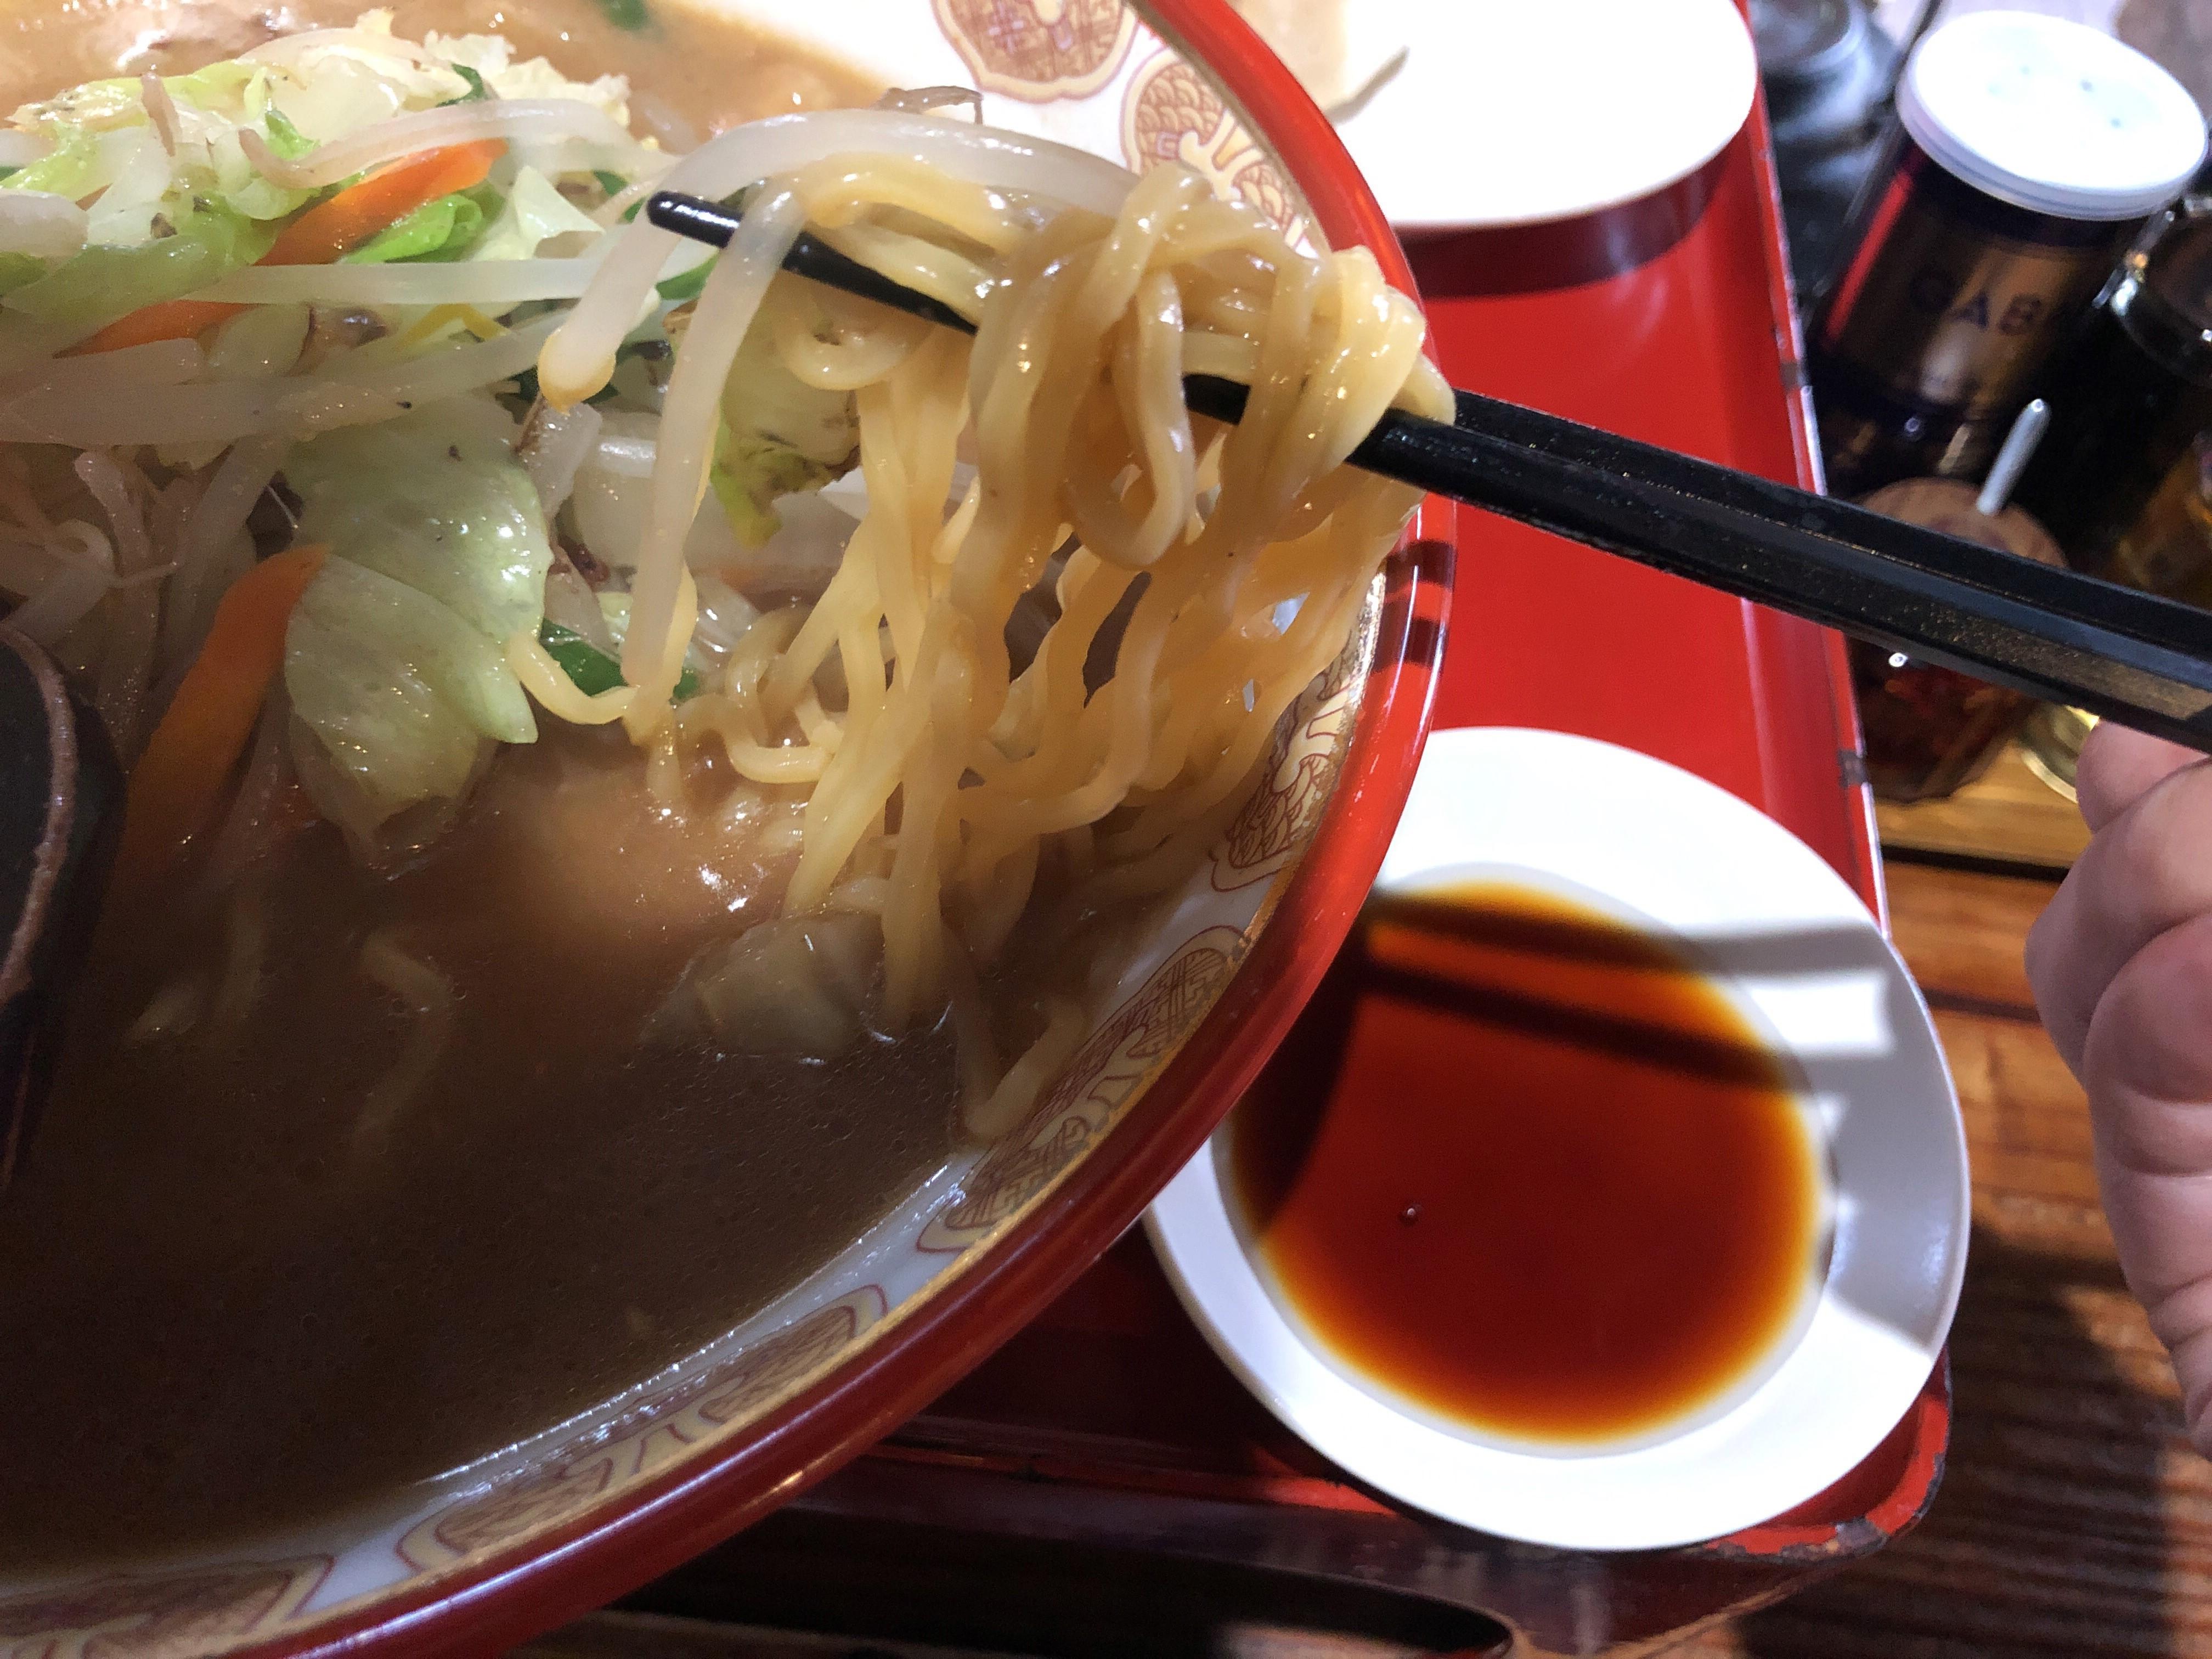 宇都宮の味噌ラーメンの名店右京、古民家風の店内で頂く完熟味噌ラーメンは野菜たっぷりの絶品ラーメンだった